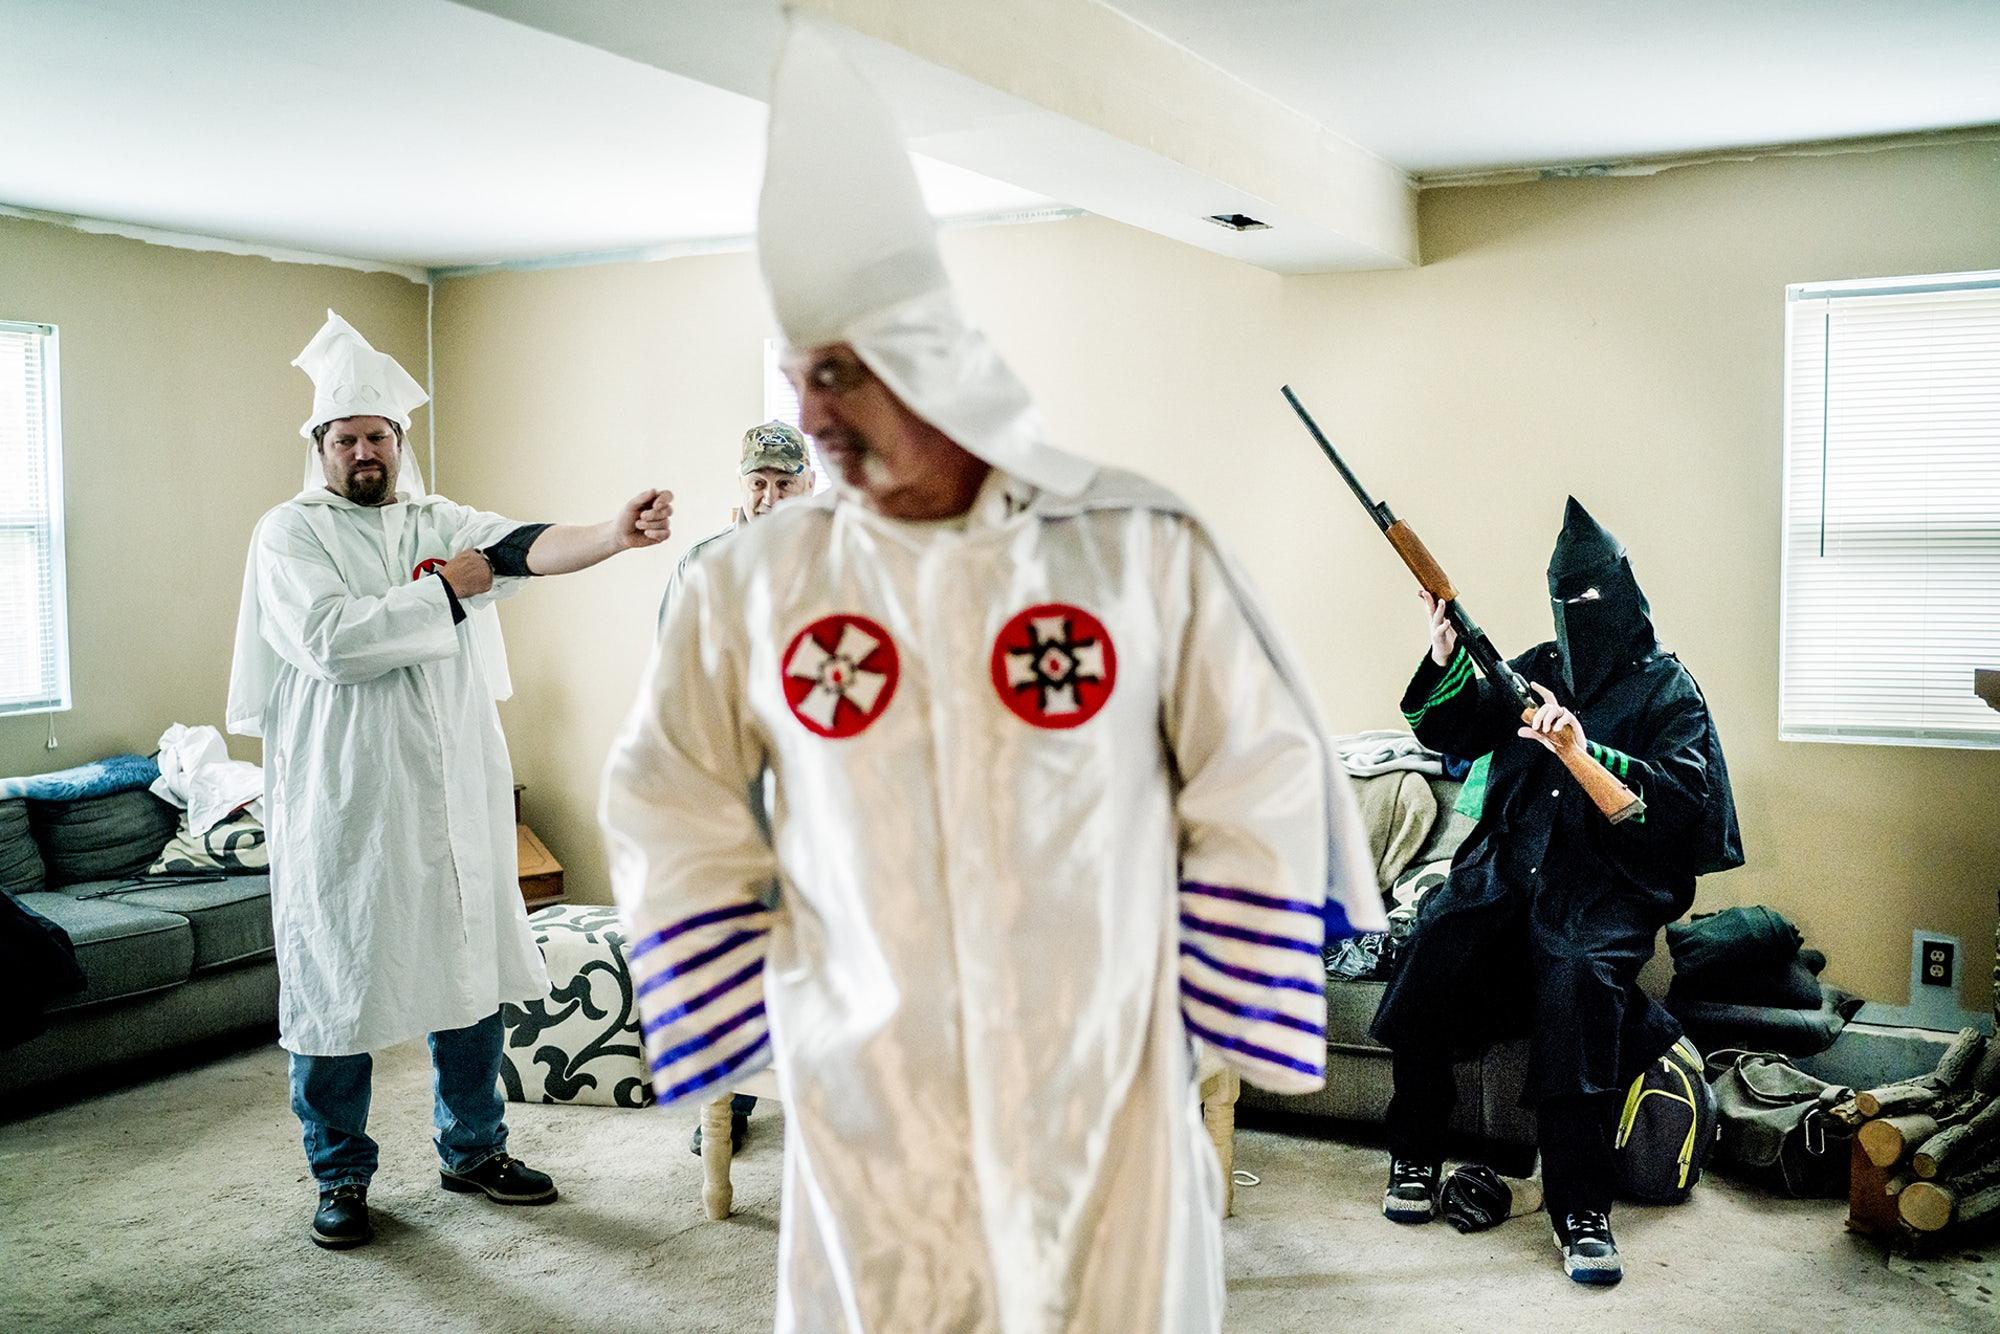 bande supremazia bianca